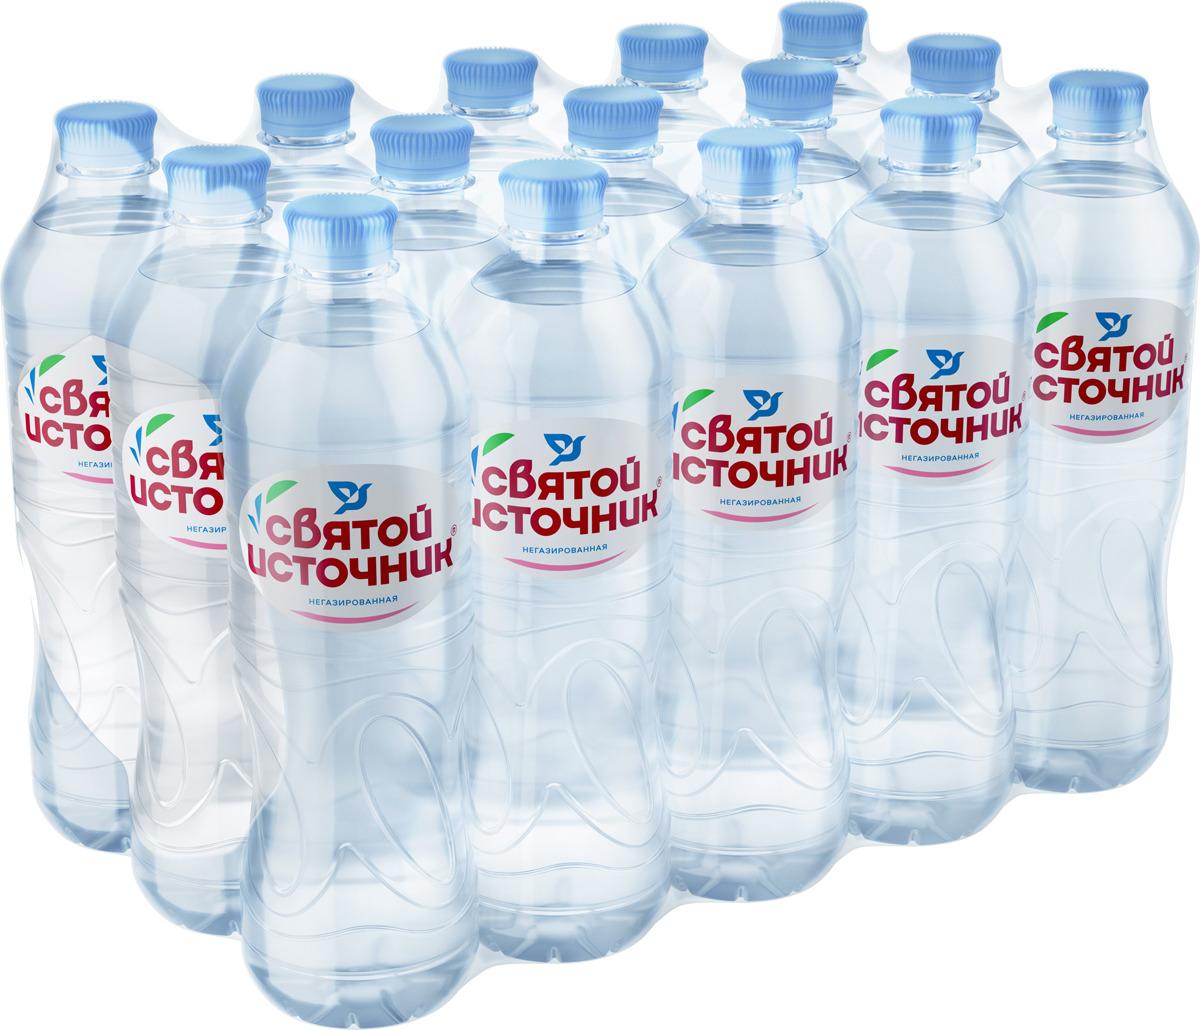 СвятойИсточник вода природная питьевая негазированная, 15 штук по 0,75 л